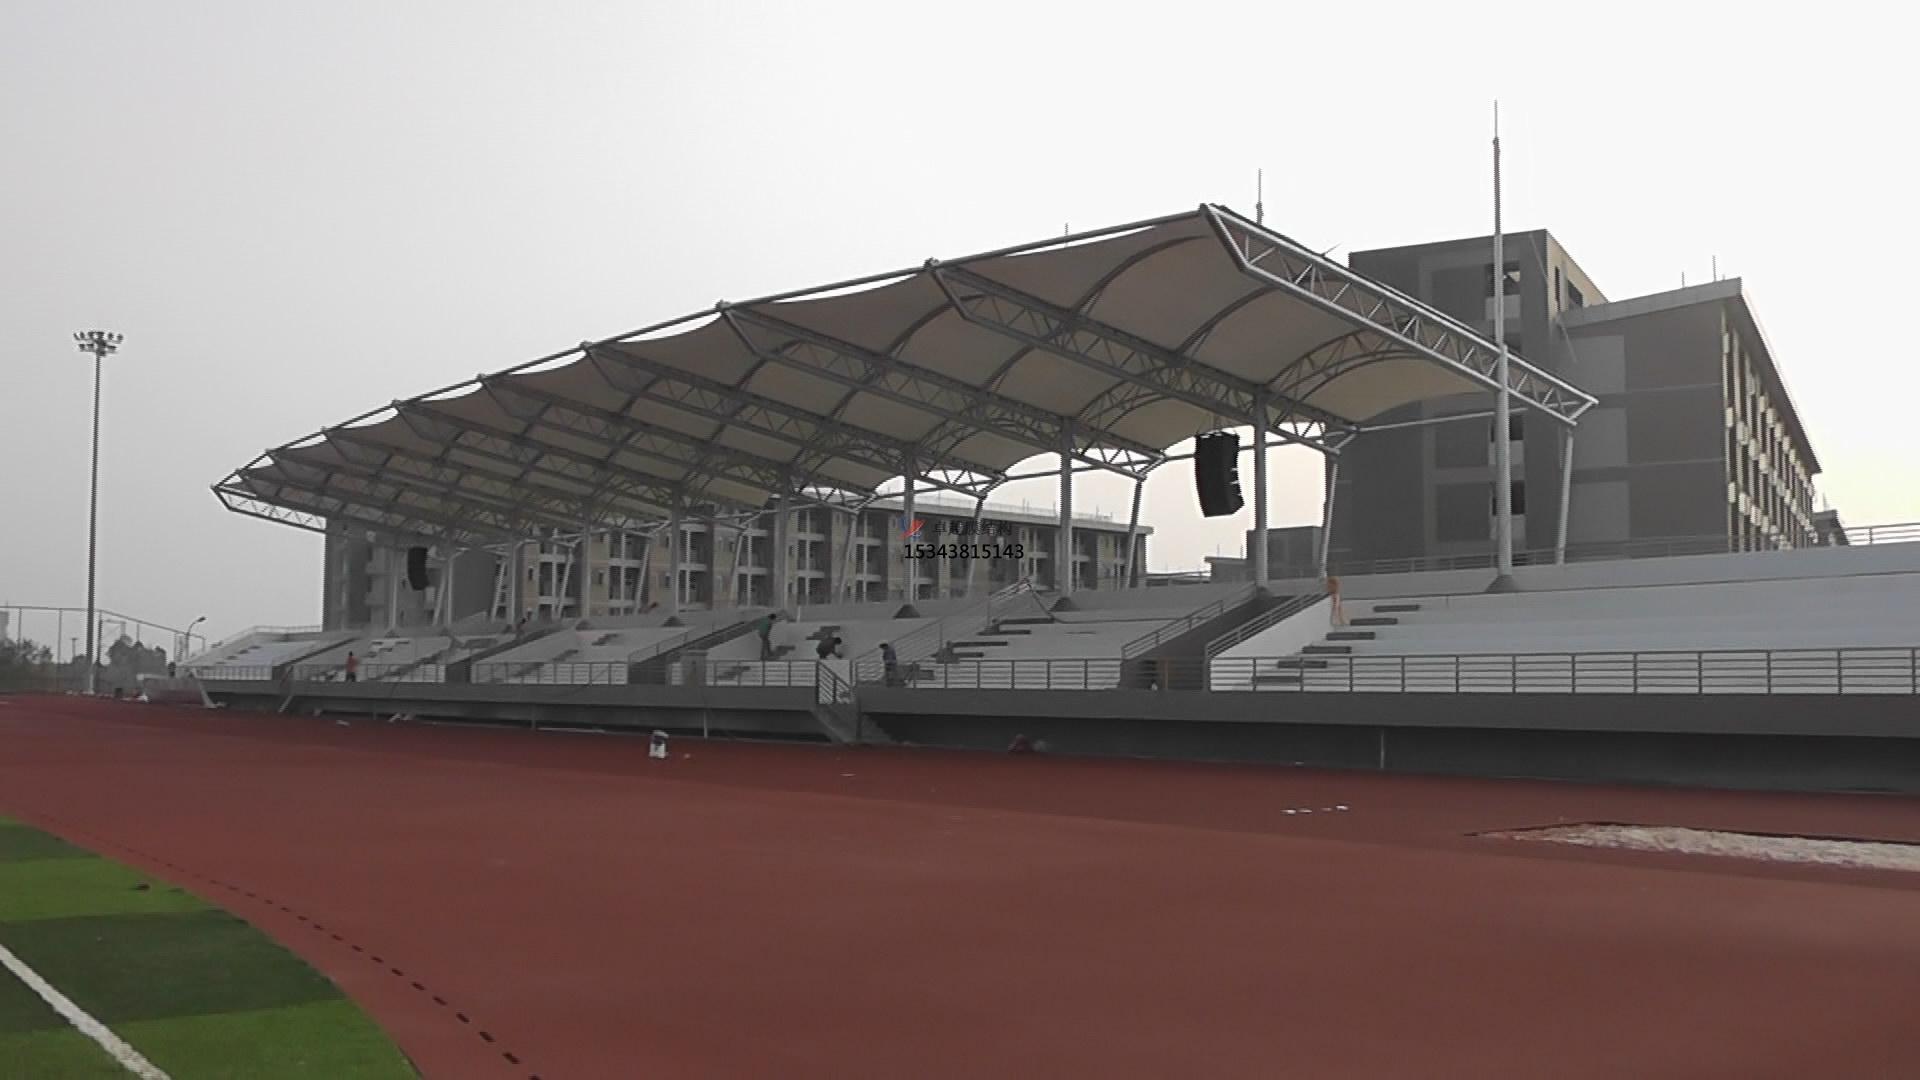 保山市体育场看台顶棚/运动场主席台/风雨操场雨棚生产厂家